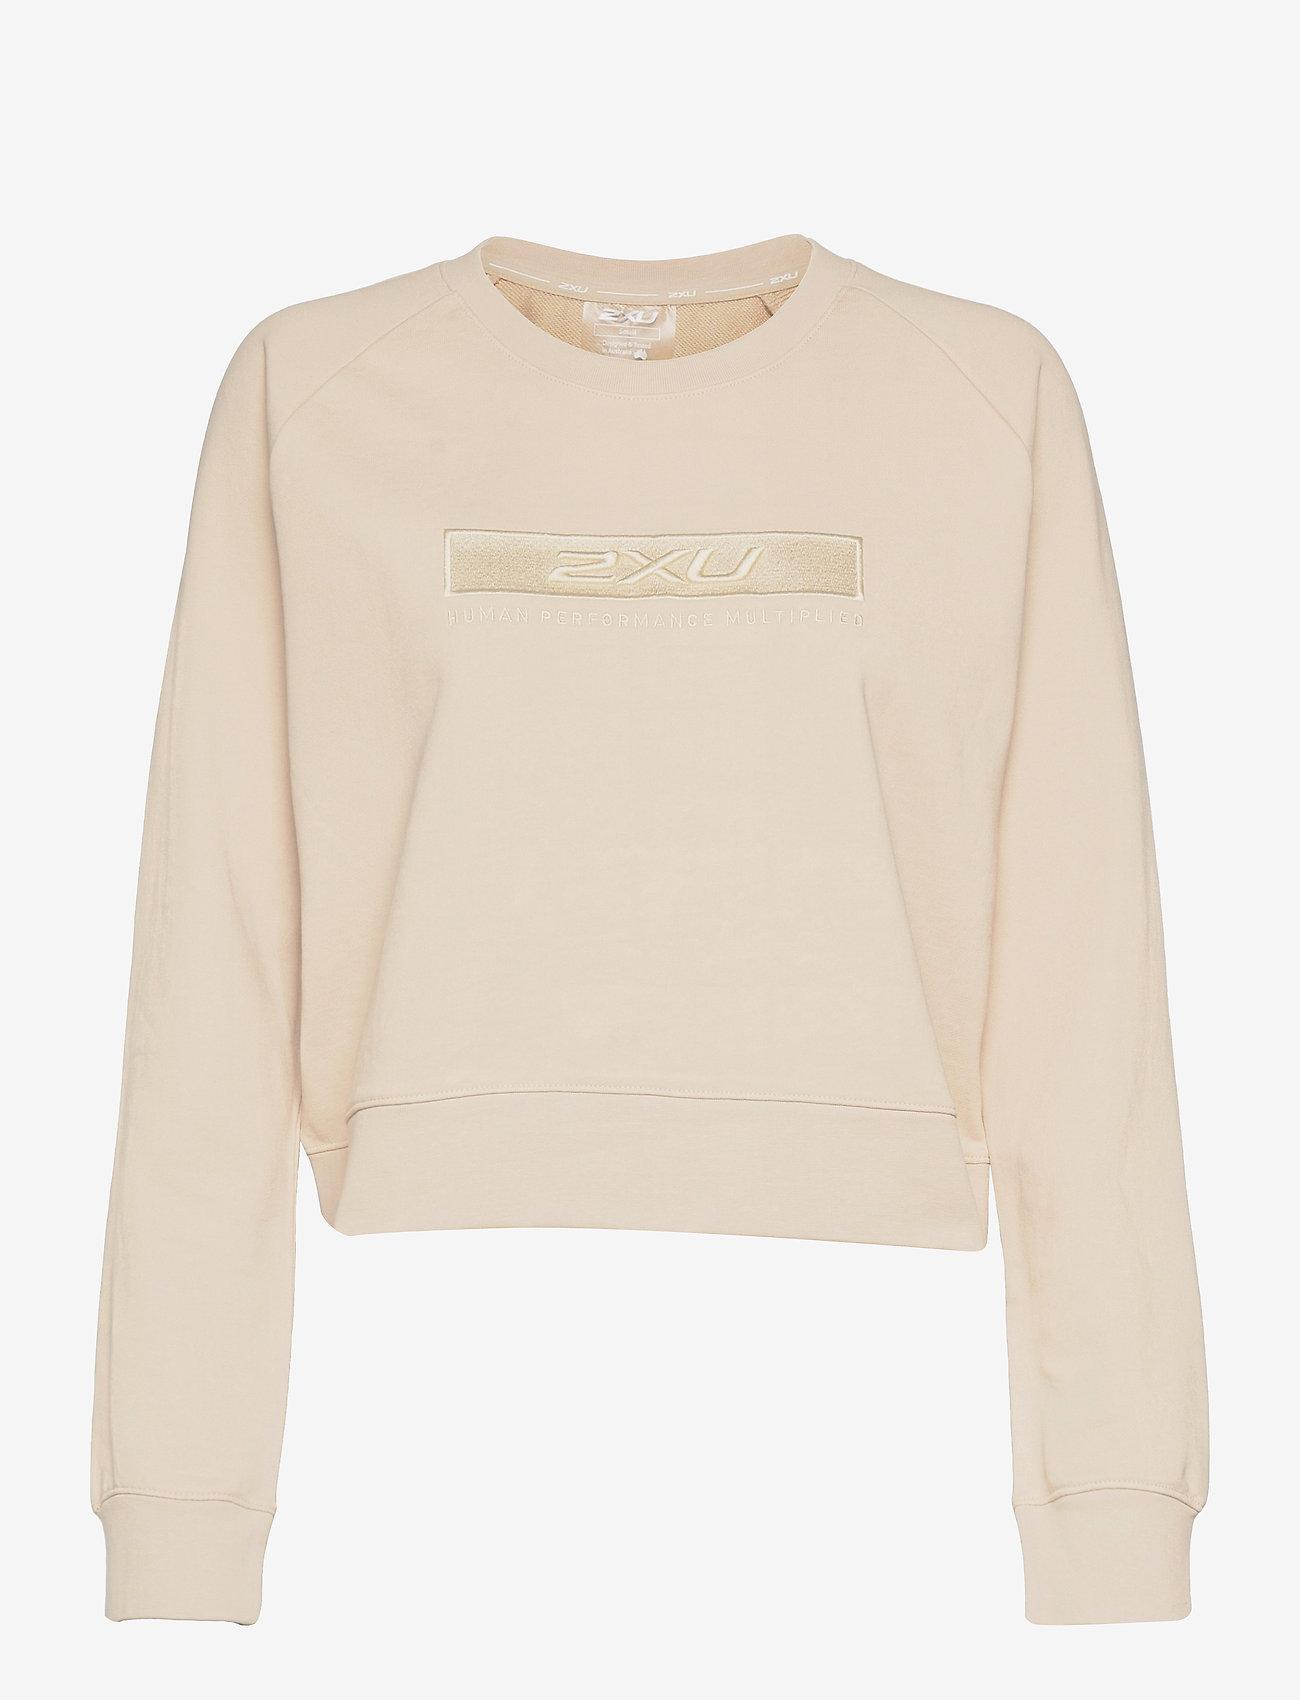 2XU - FORM CROP CREW - sweatshirts - oatmeal/oatmeal - 0